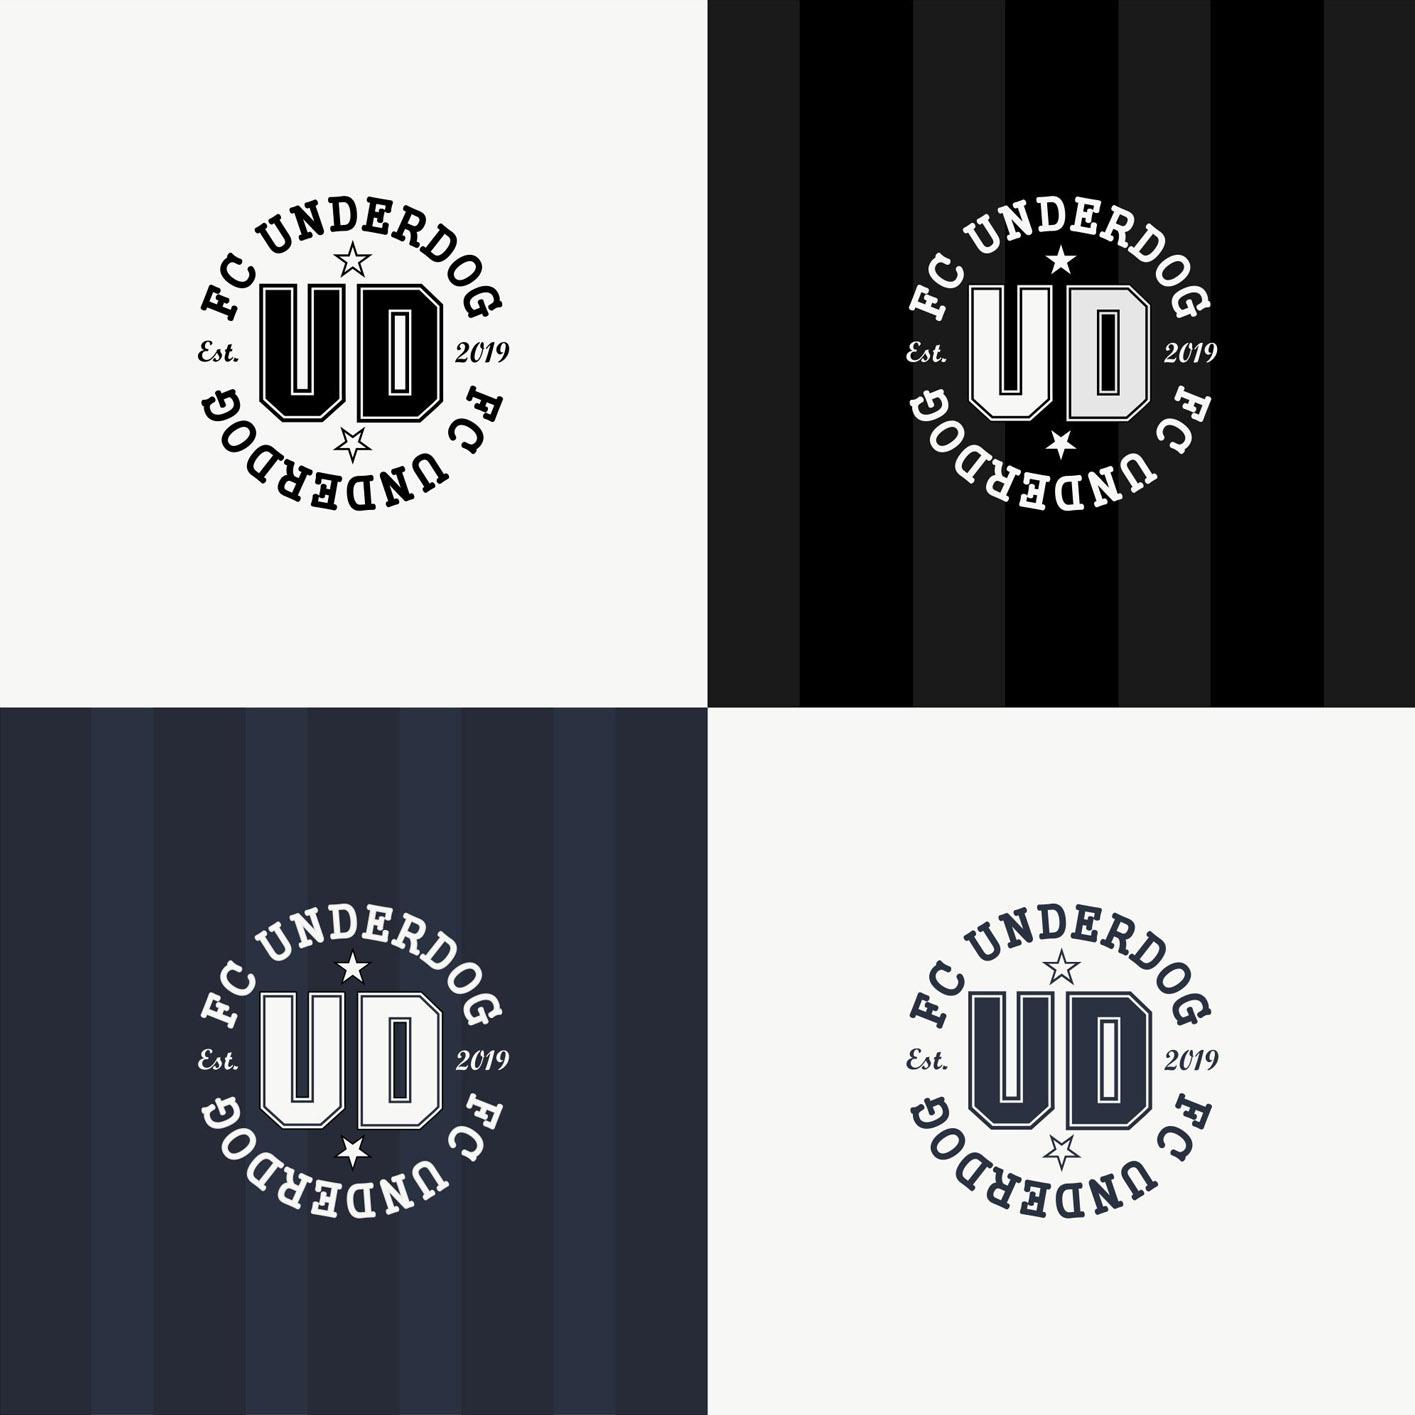 Футбольный клуб UNDERDOG - разработать фирстиль и бренд-бук фото f_4745cb4505d05e71.jpg